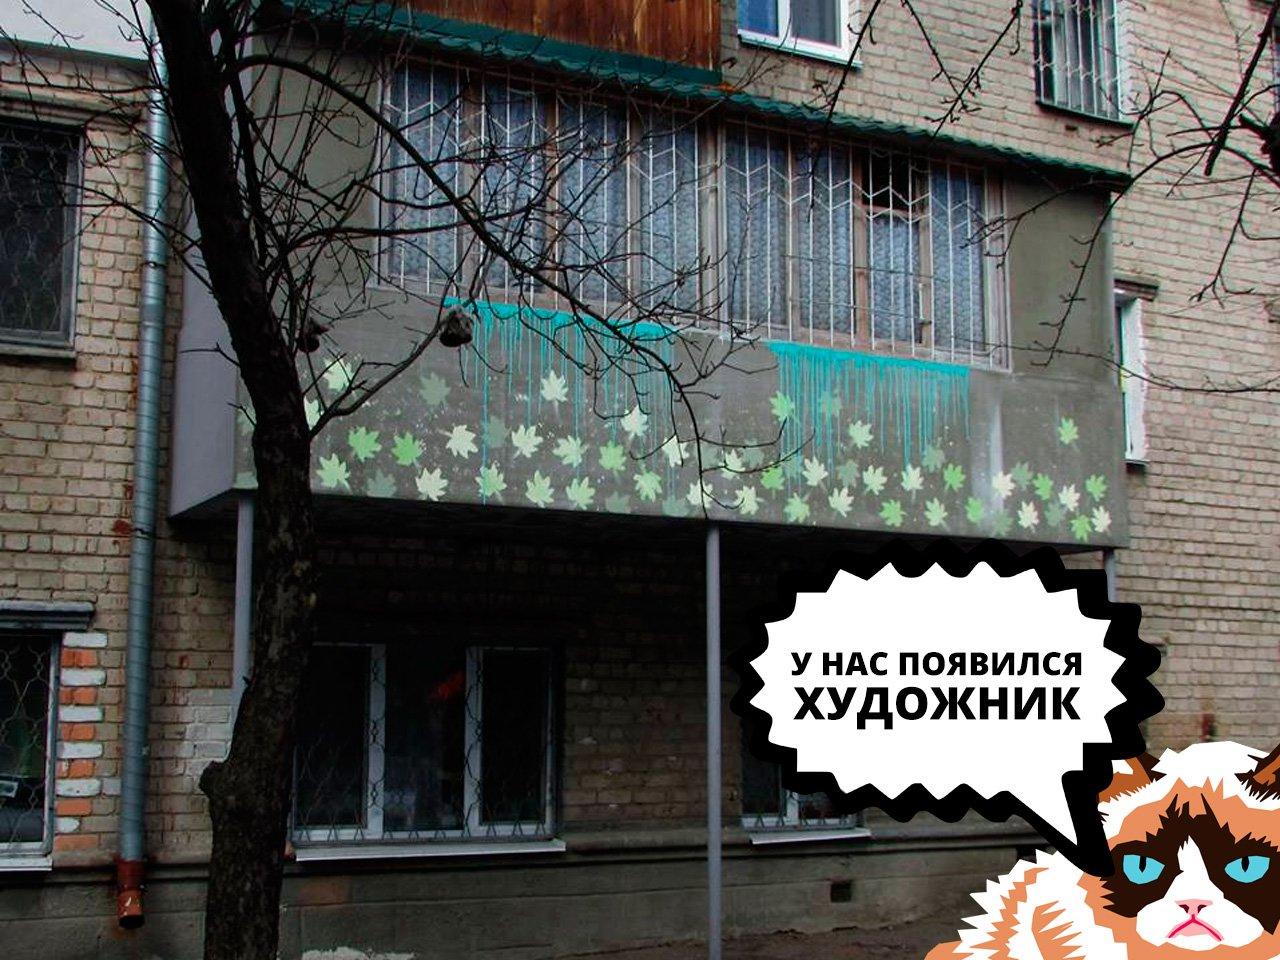 Царь-балконы наступают: как киевляне реагируют на эпидемию, фото-9